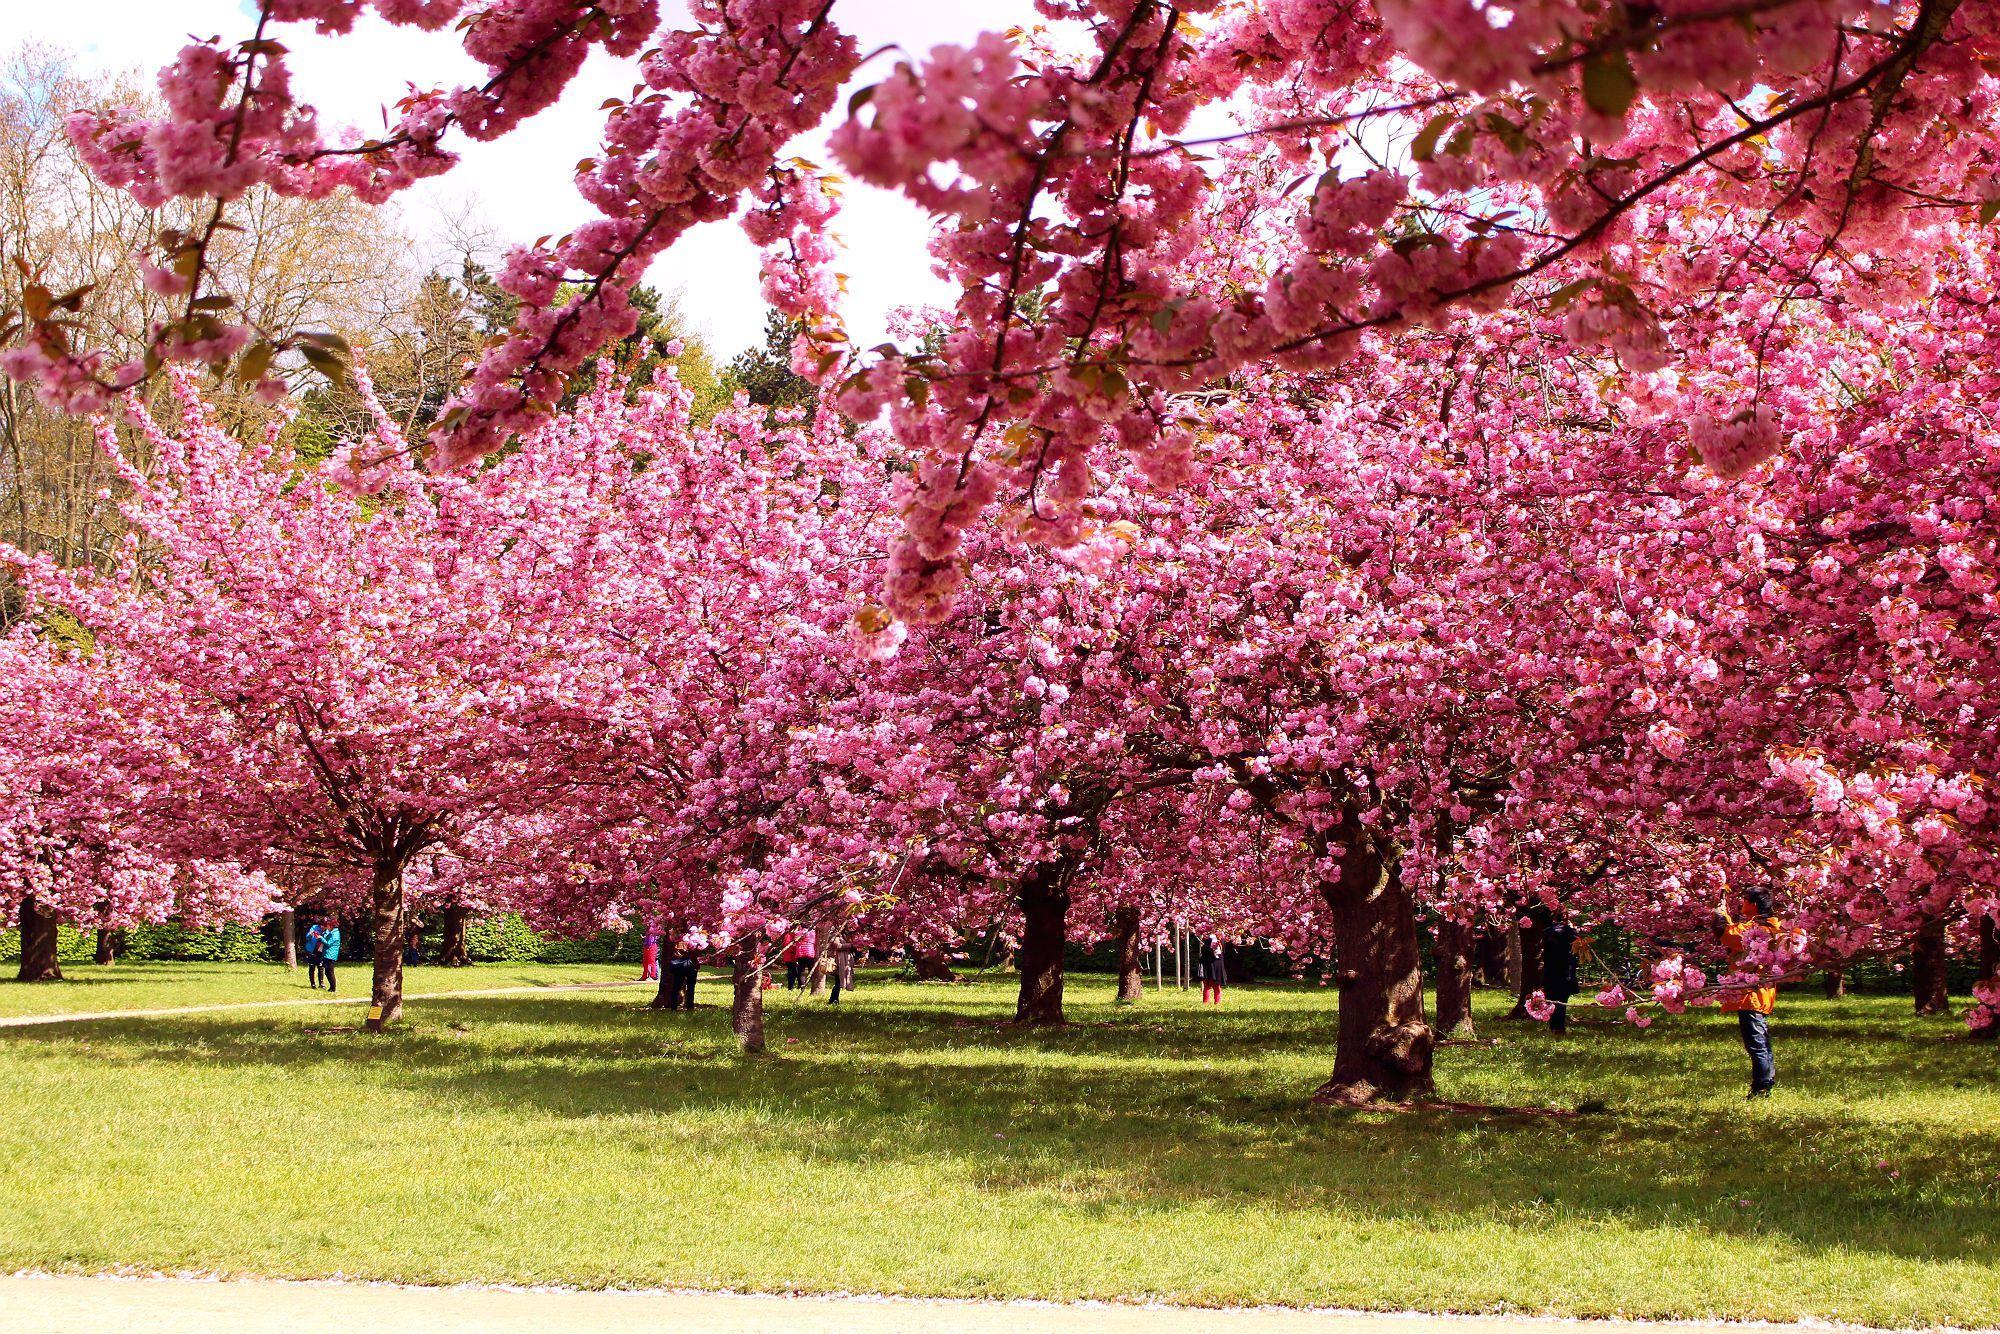 Cherry Blossom Paris Parc De Sceaux The Glittering Unknown Paris Flowers Cherry Blossom Paris In April